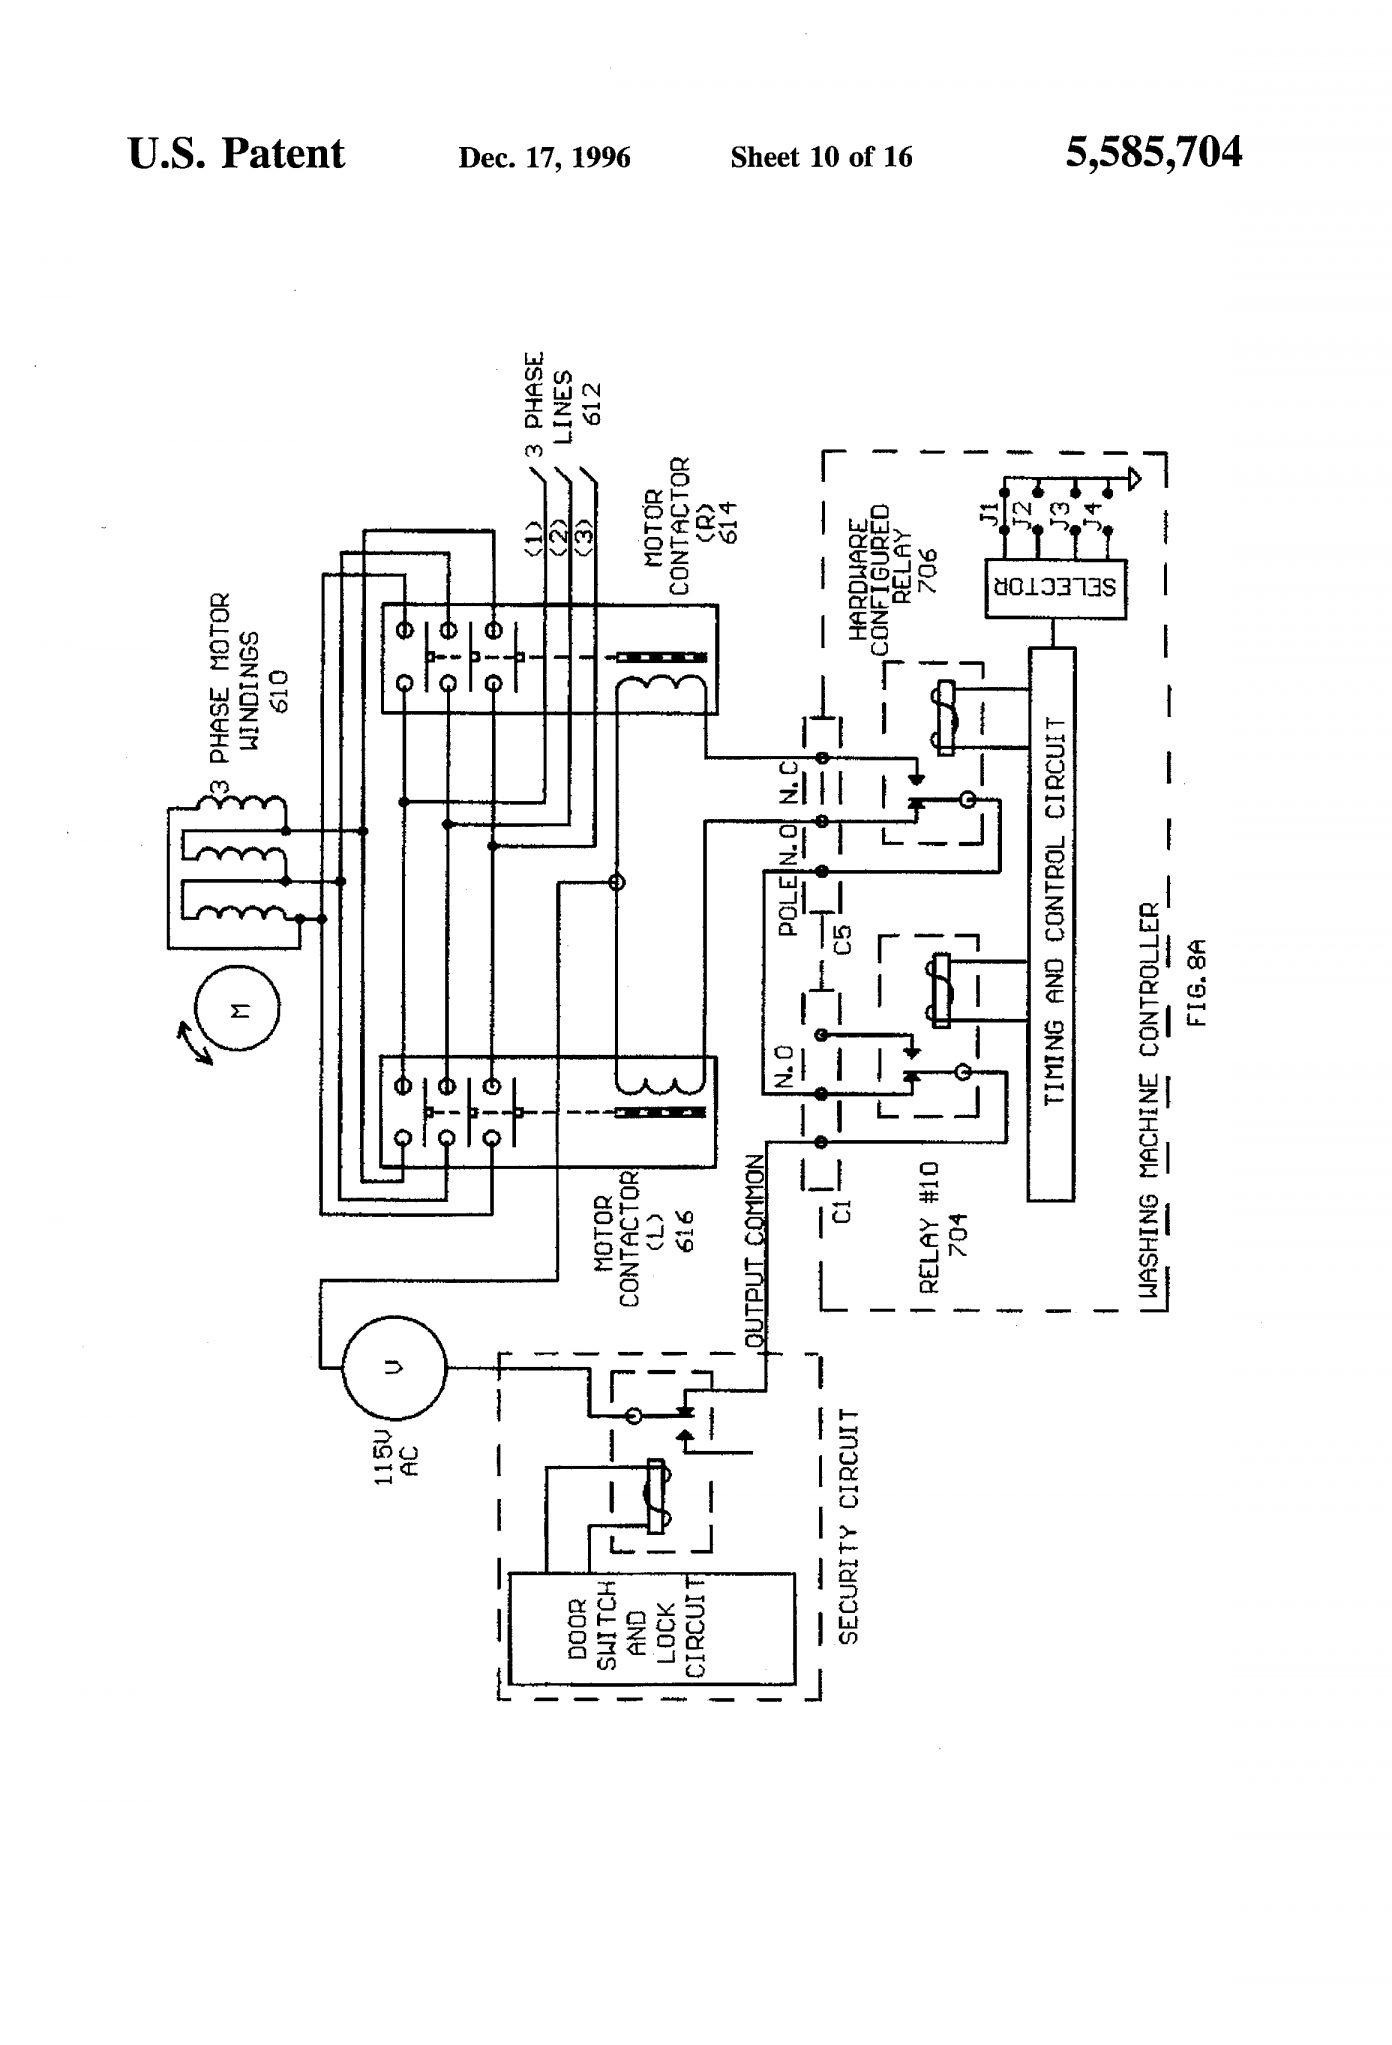 Ge Window Unit Wiring Schematic | Ge Window Unit Wiring Schematic |  | Ebook Databases